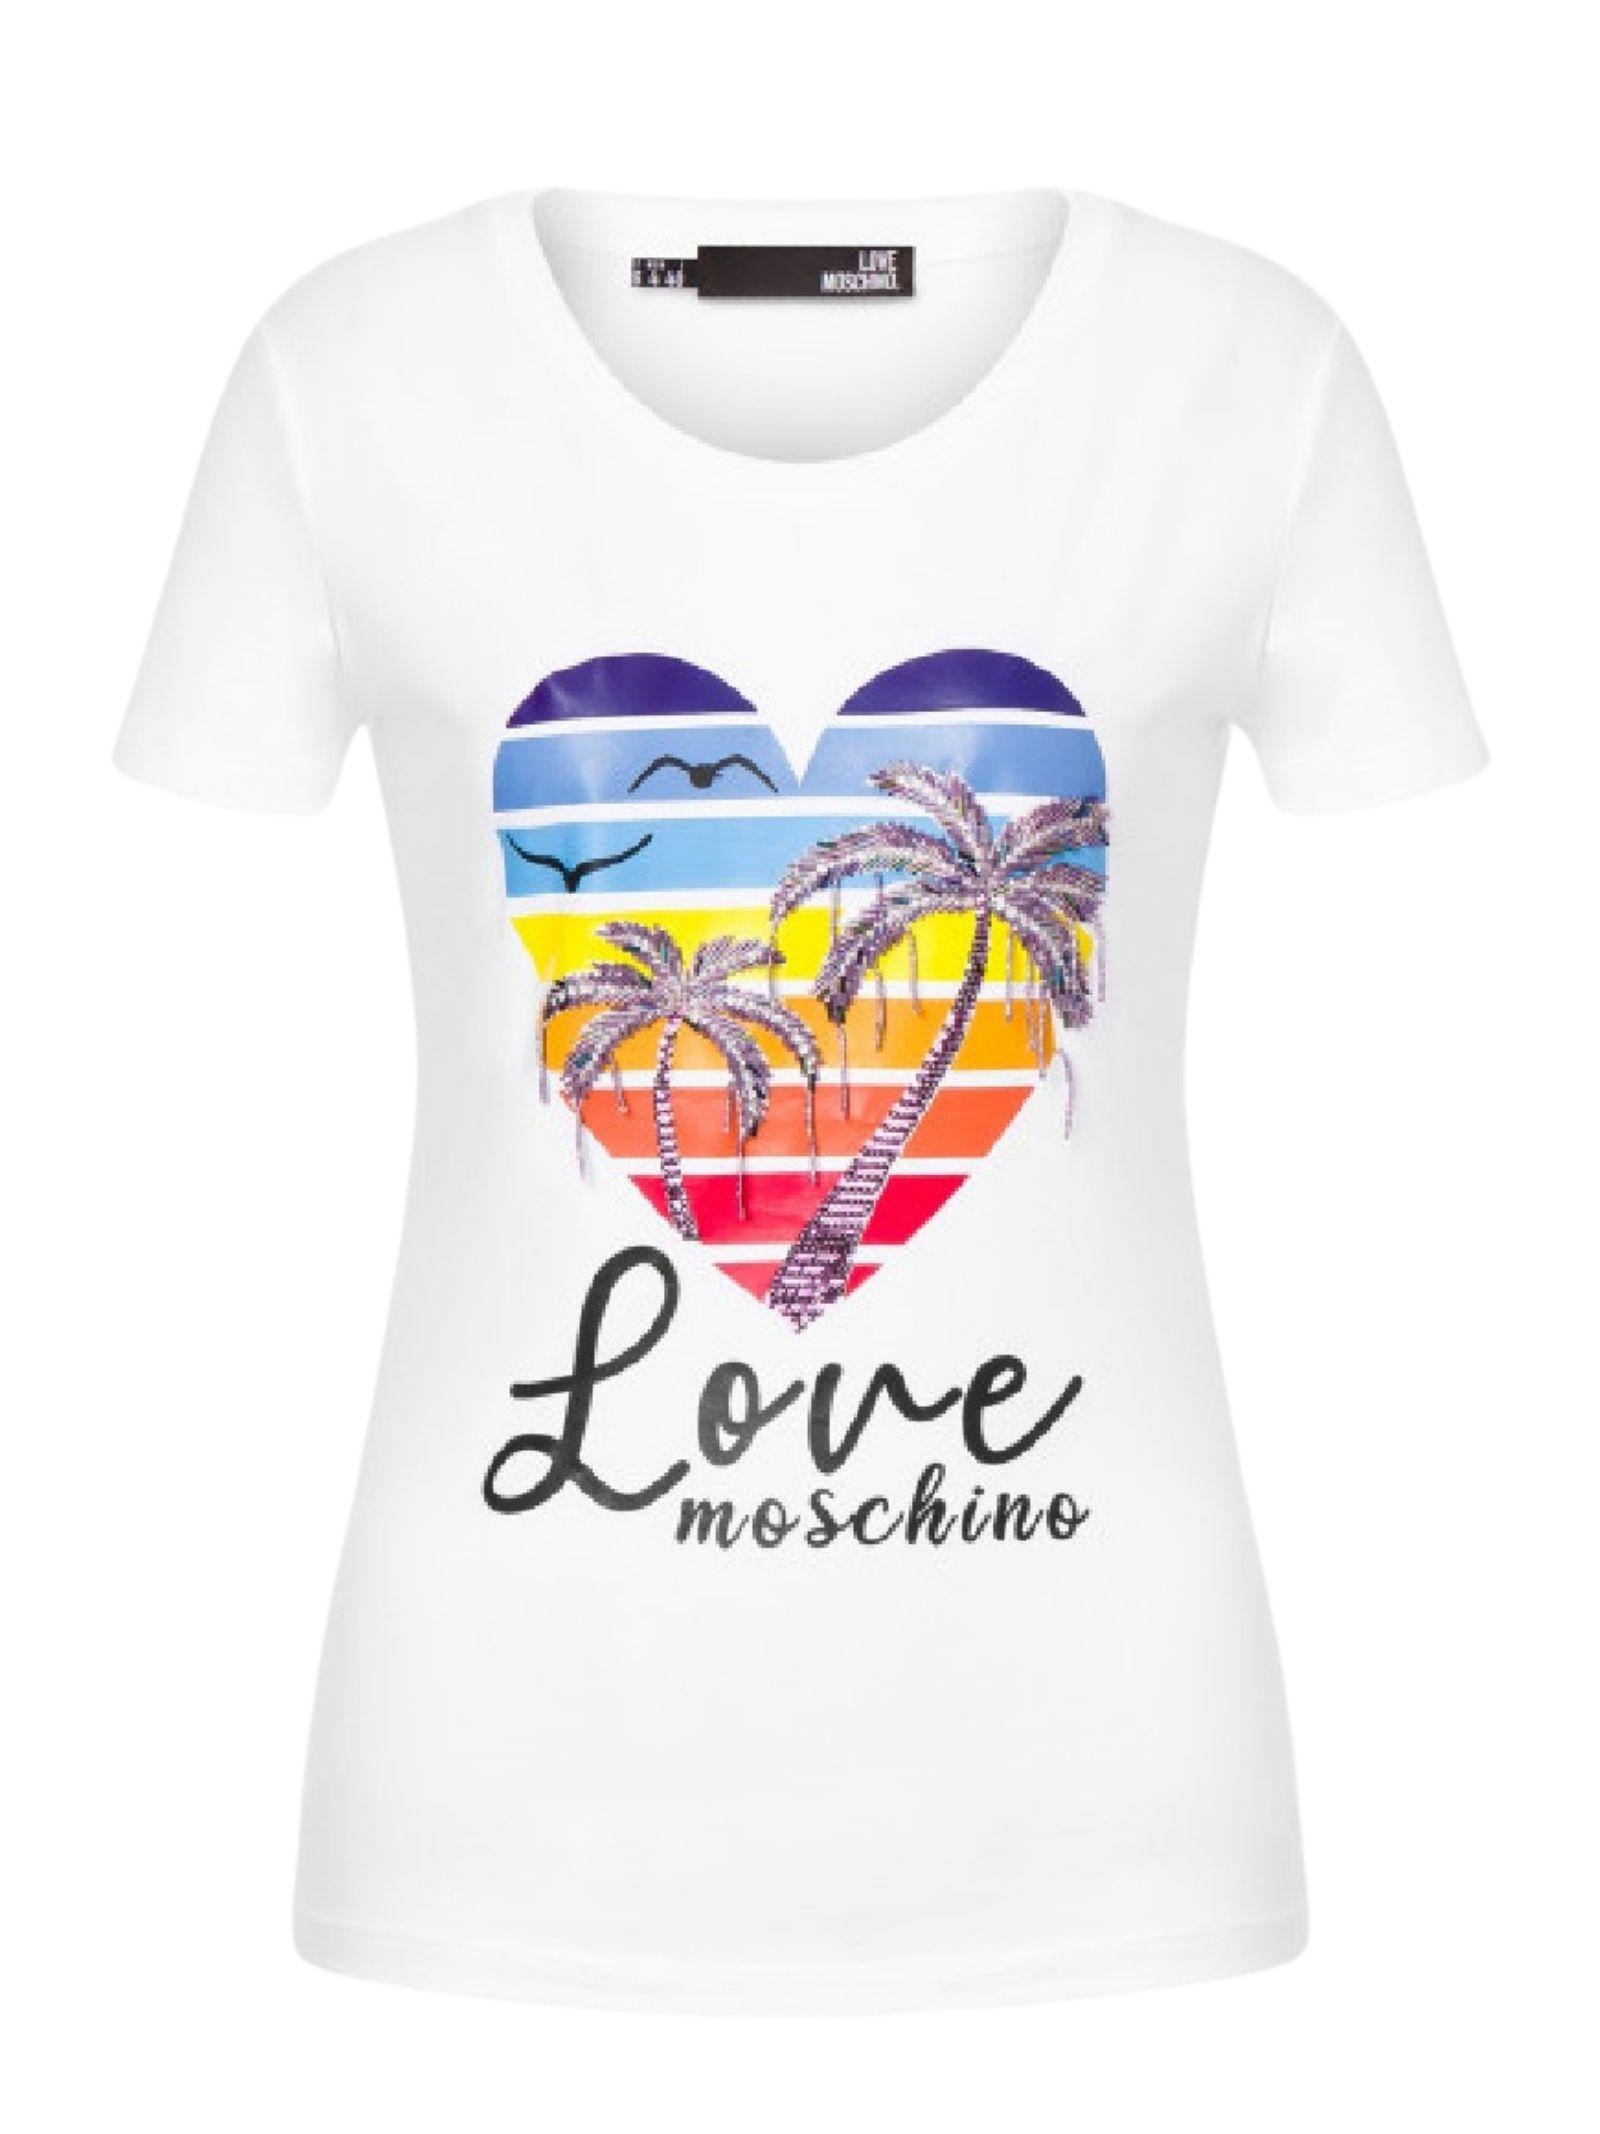 MOSCHINO LOVE | T-shirt | W 4 H19 08 E 1951A00